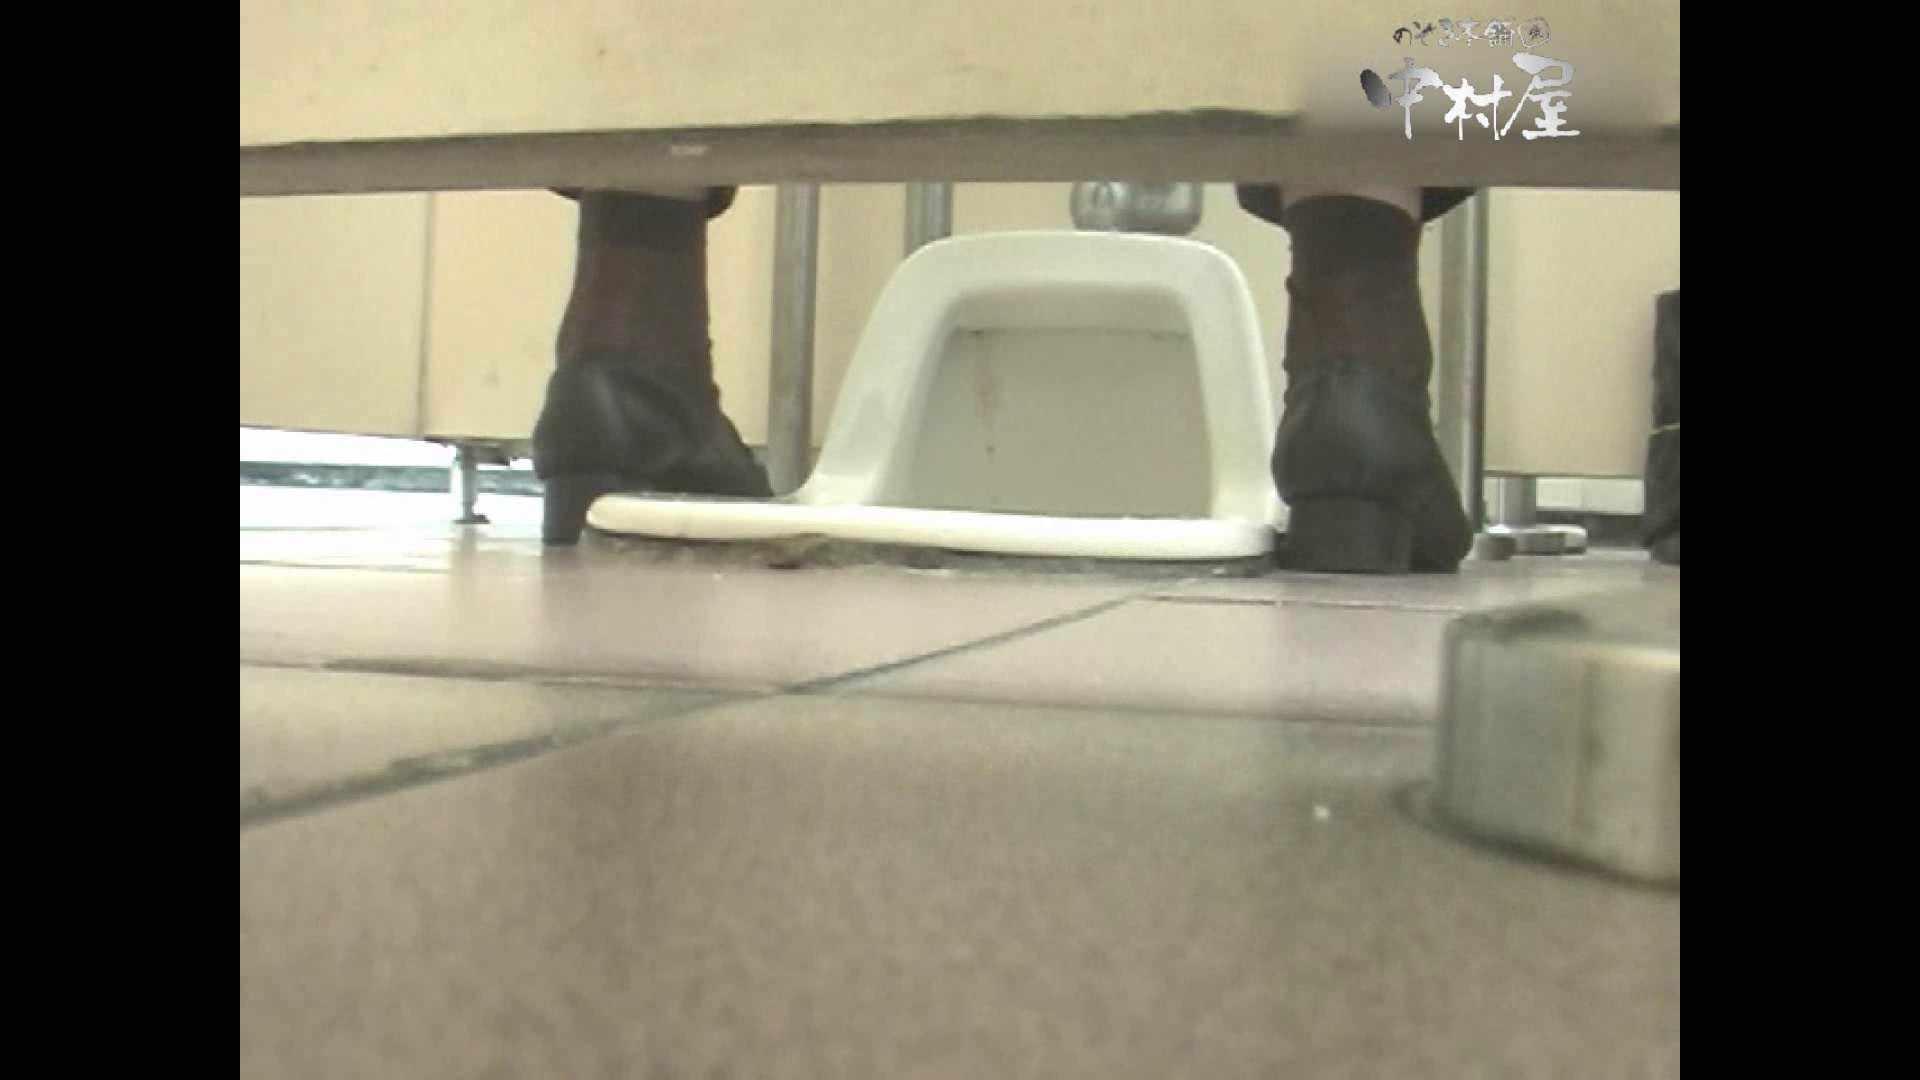 岩手県在住盗撮師盗撮記録vol.20 美しいOLの裸体 オメコ無修正動画無料 105pic 8